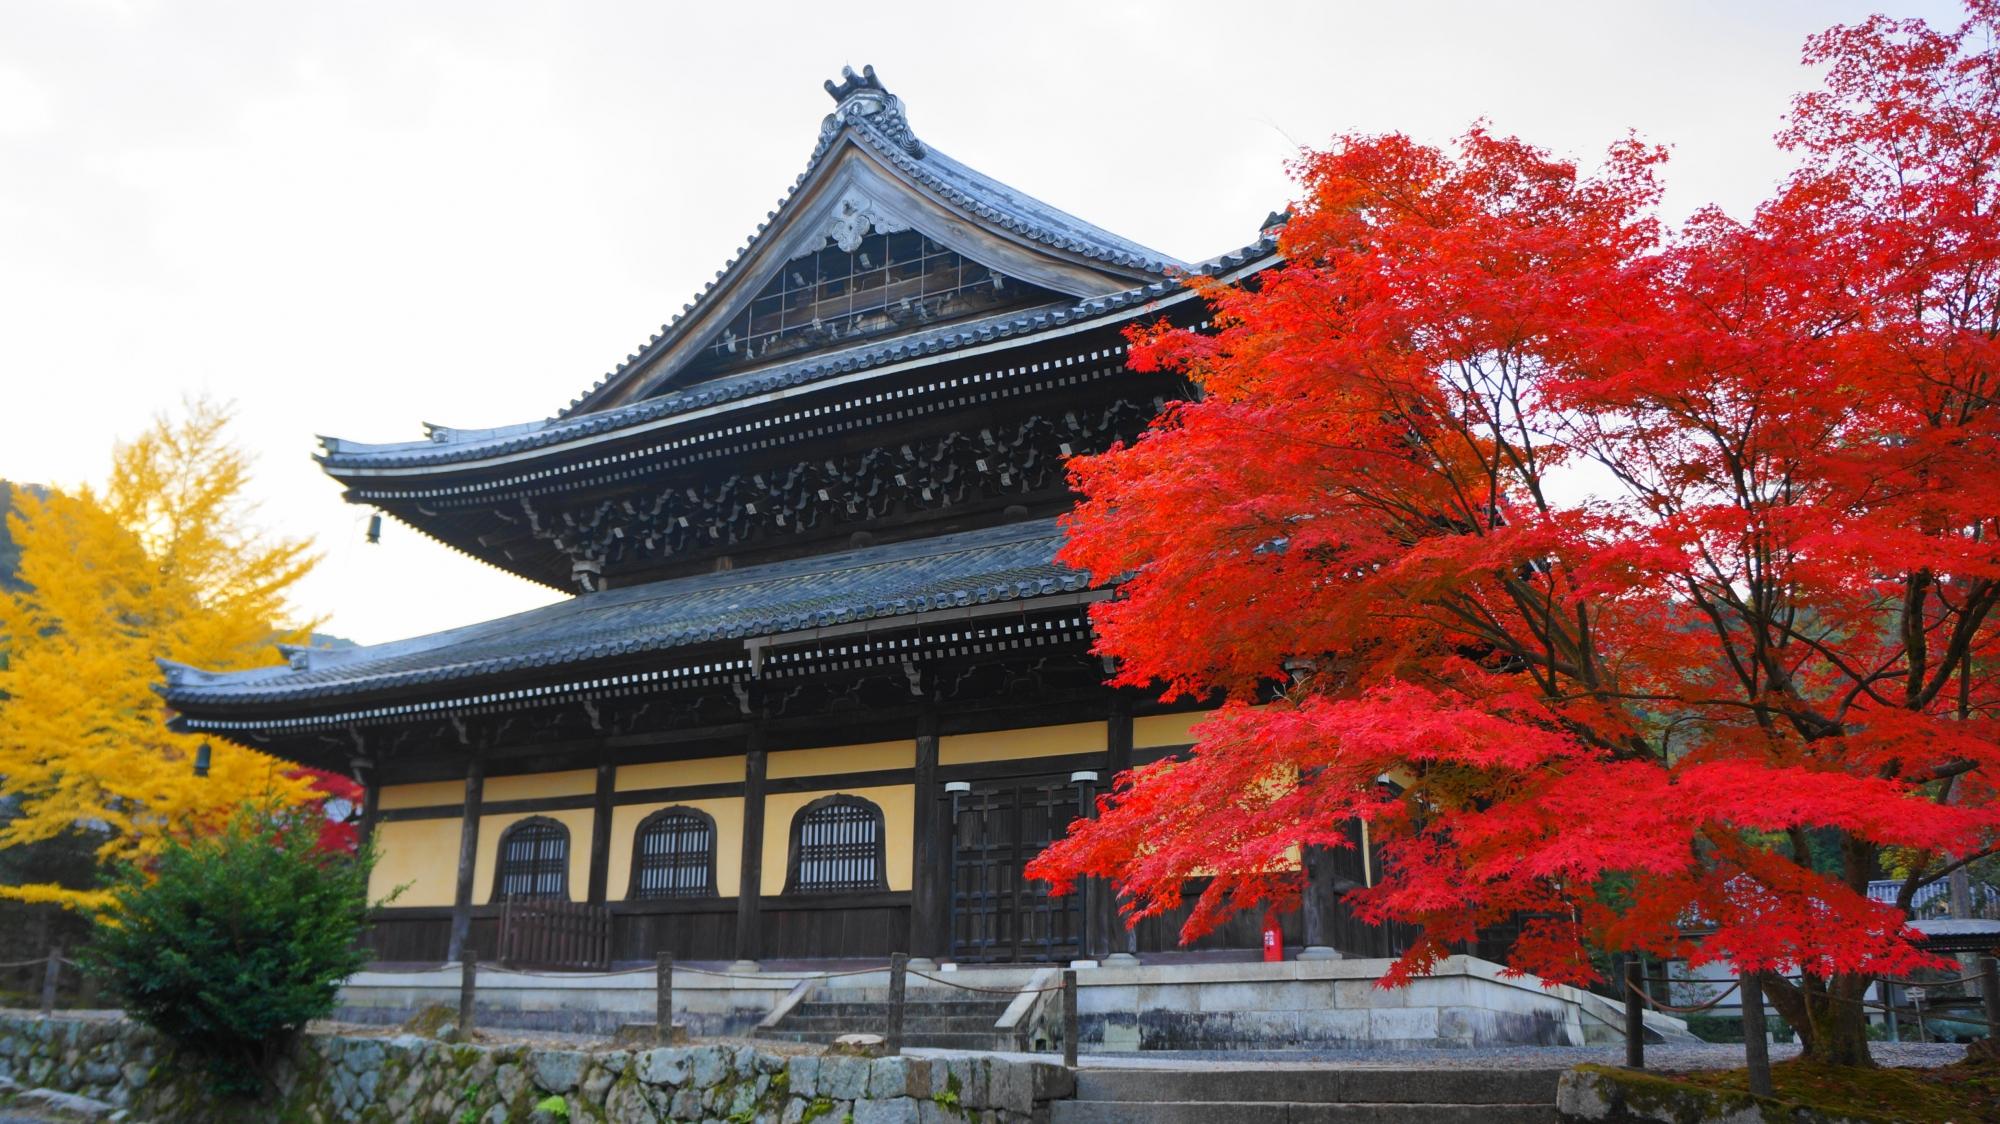 南禅寺の法堂を優雅に彩る見事に色づいた紅葉